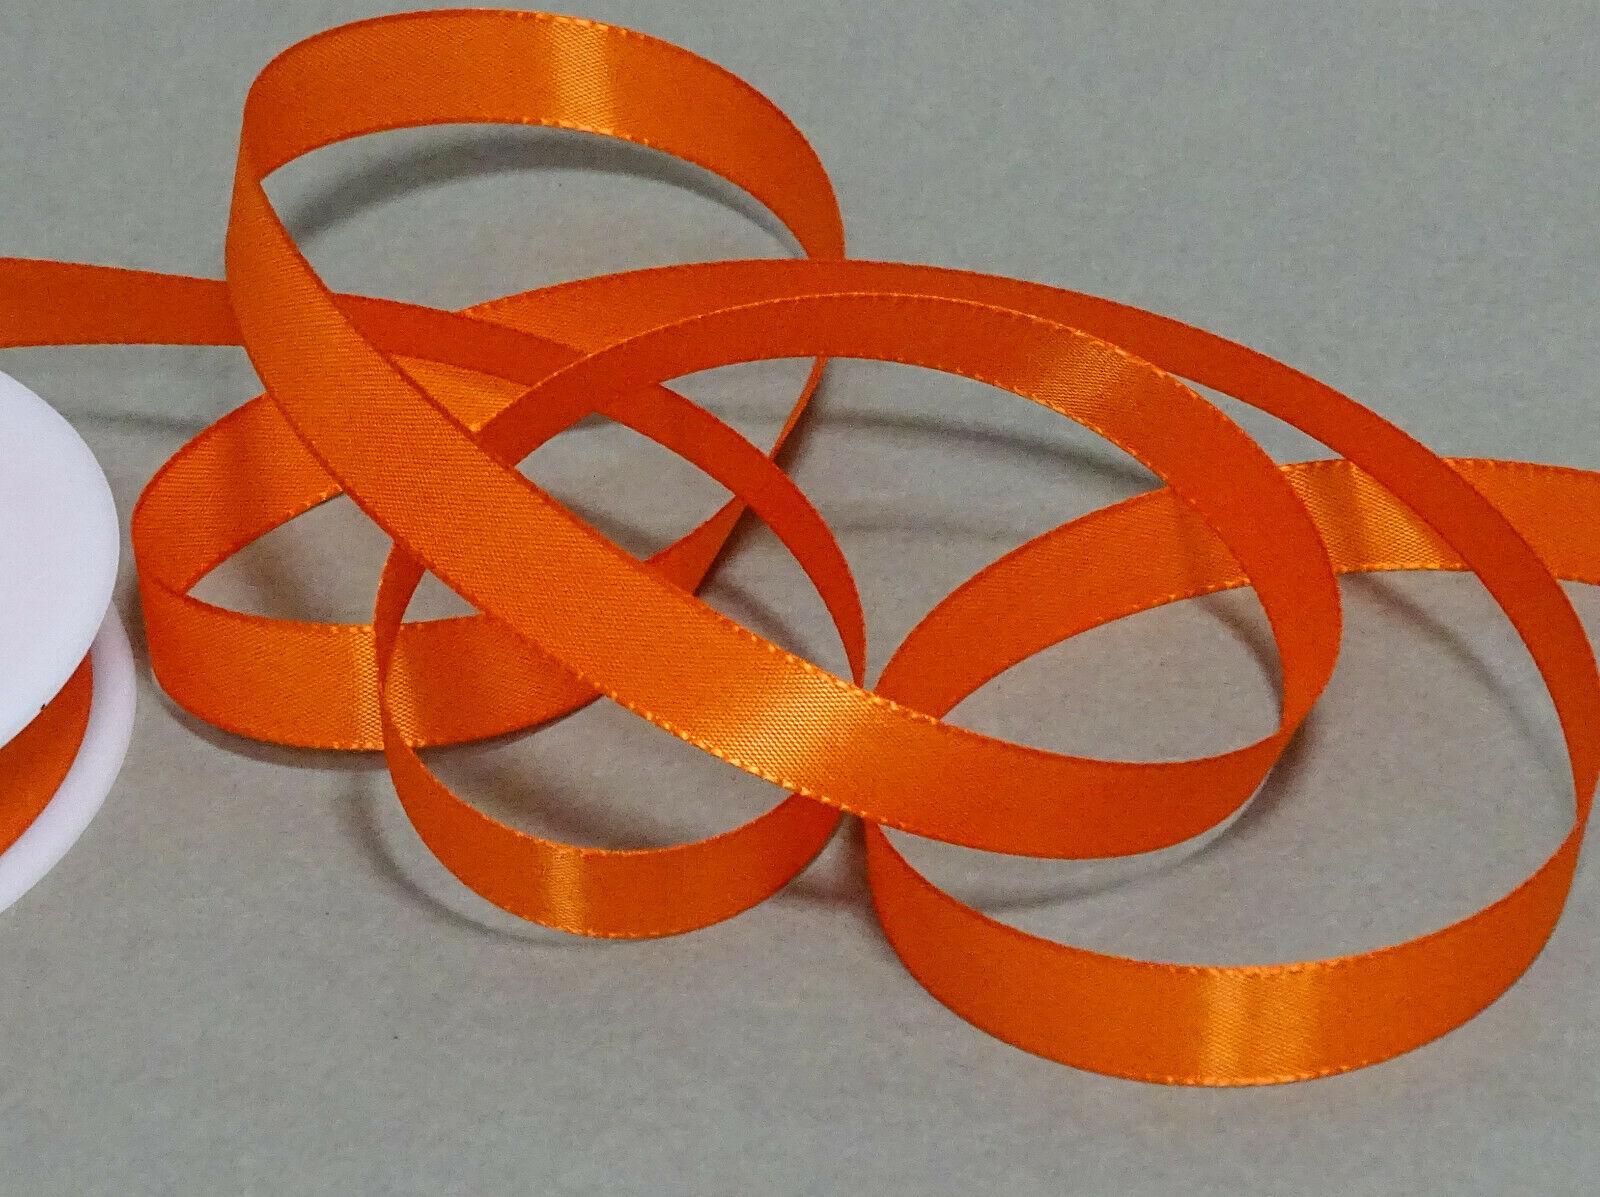 Seidenband Schleifenband 50 m x 15 / 25 / 40mm Dekoband ab 0,08€/m Geschenkband  - Orange 237, 15 mm x 50 m